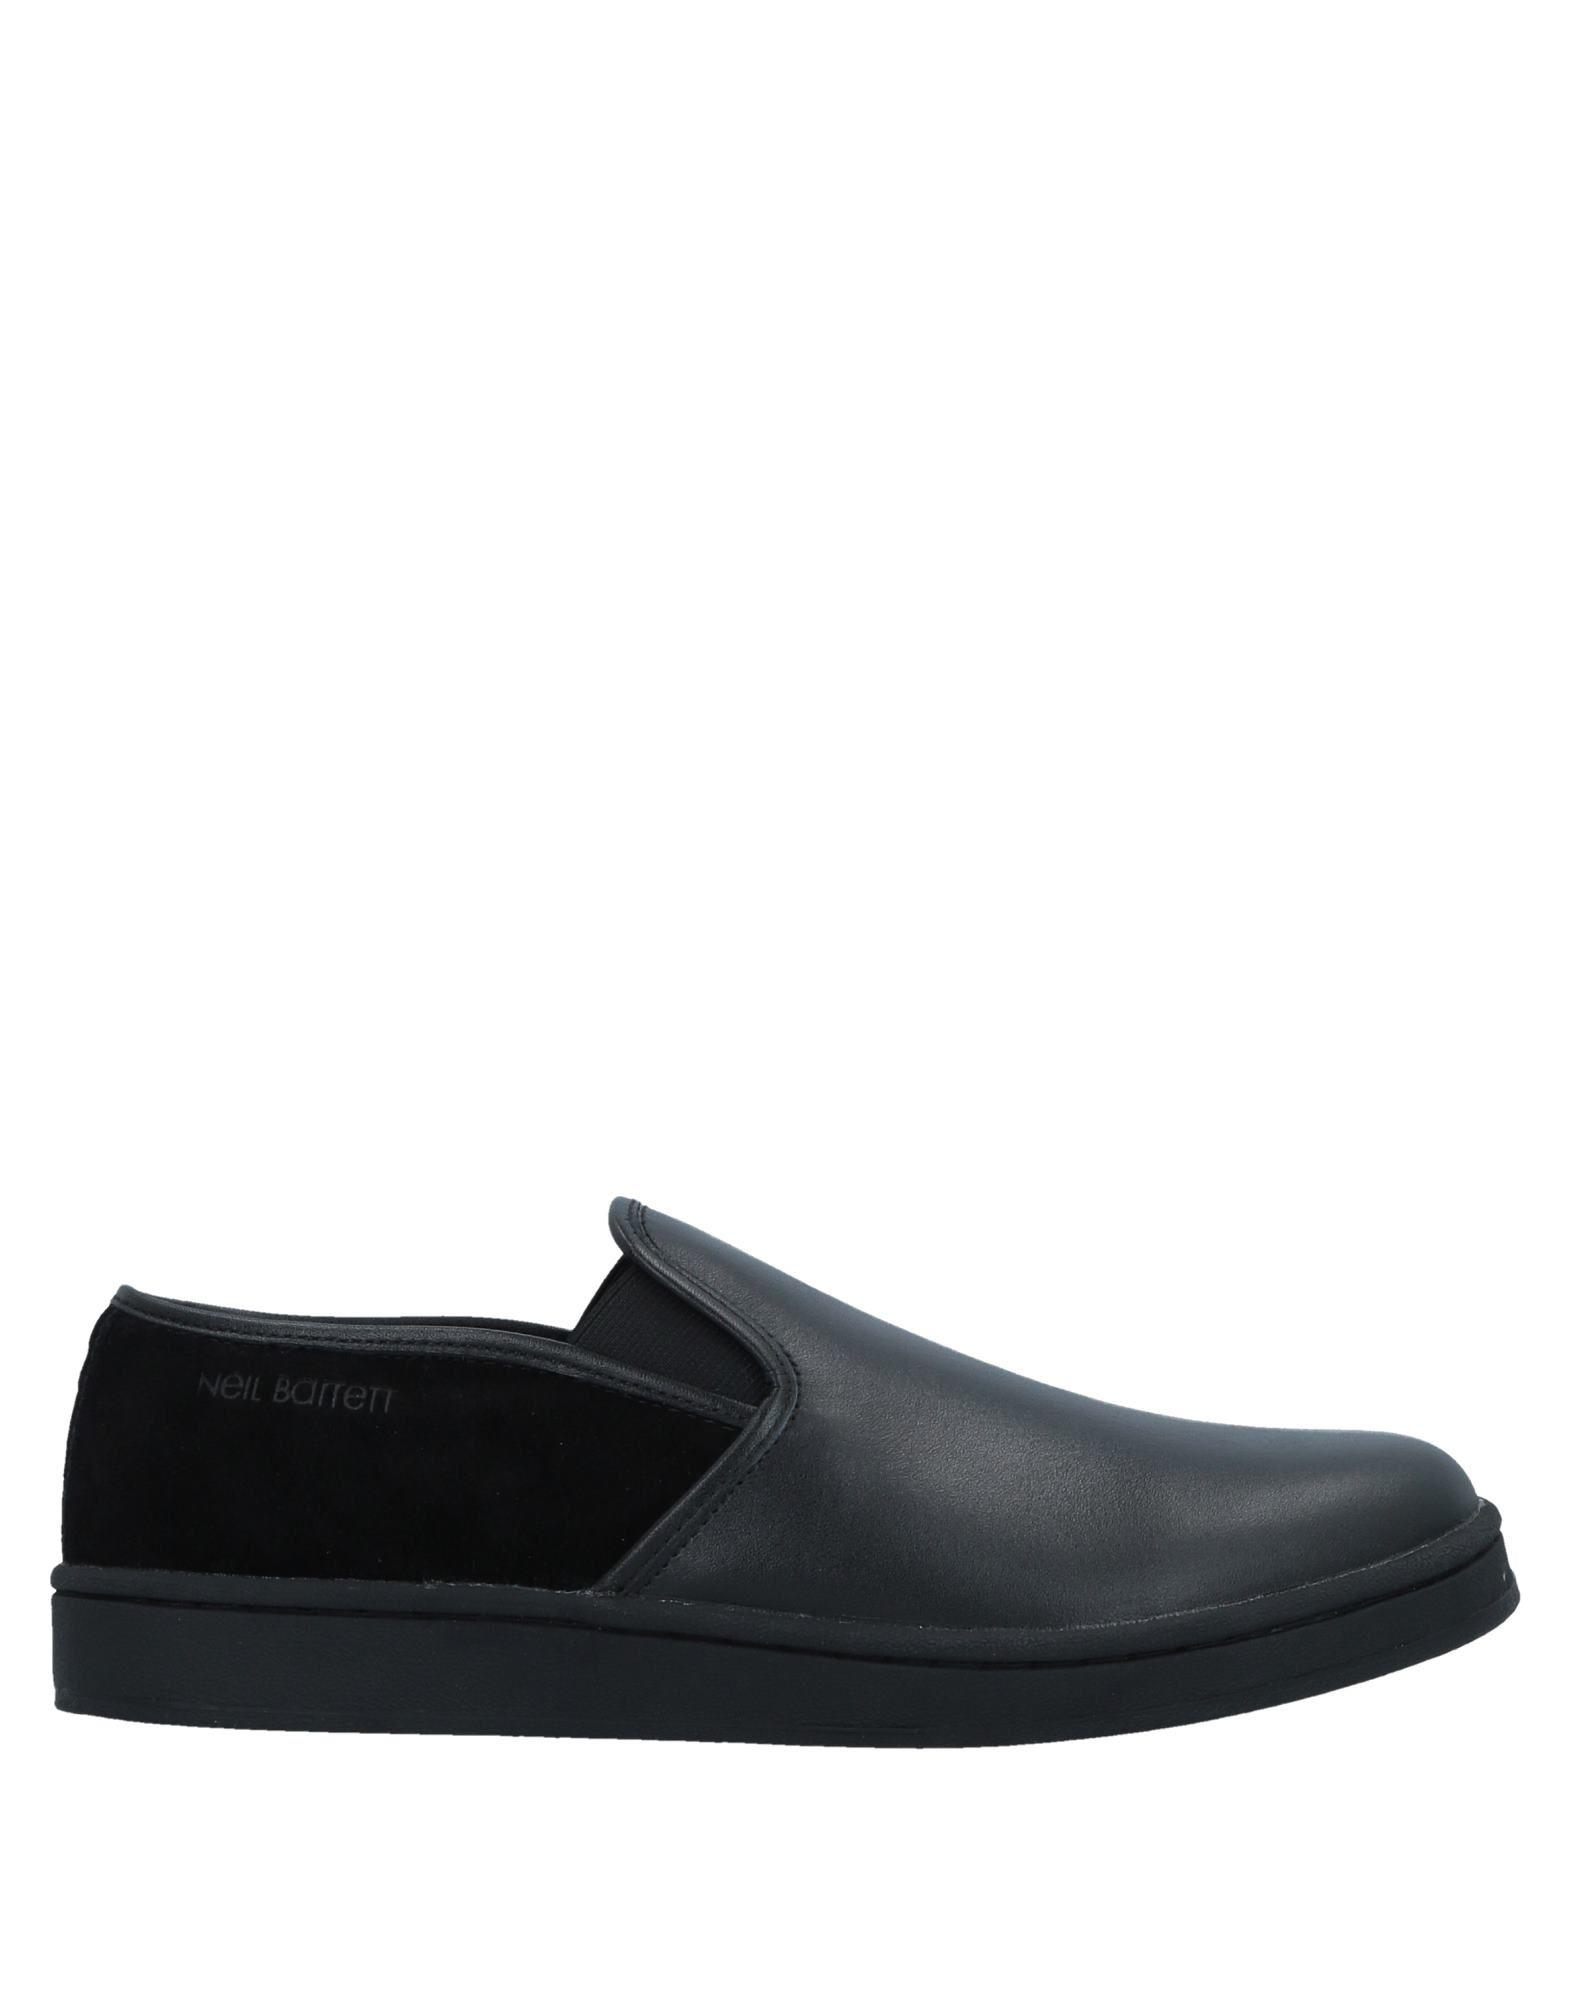 Neil Barrett Sneakers Herren  11522279TA Gute Qualität beliebte Schuhe